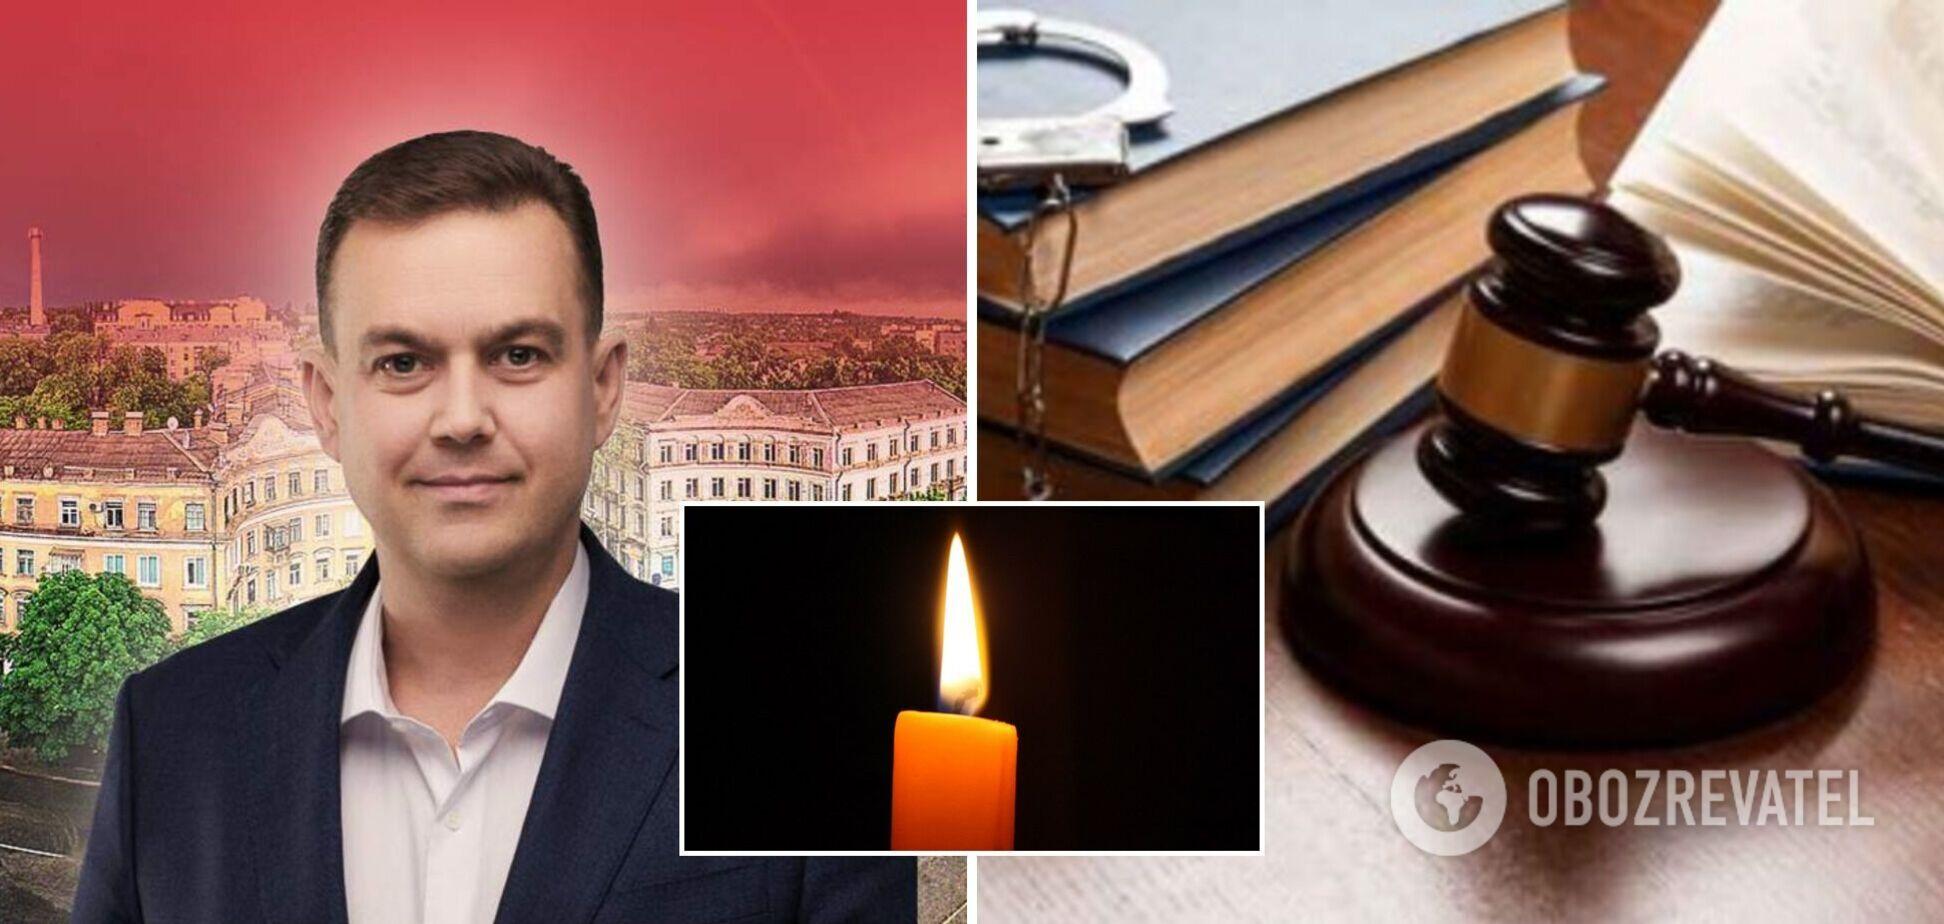 Убийство, а не суицид? Полиция опубликовала заявление о гибели мэра Кривого Рога